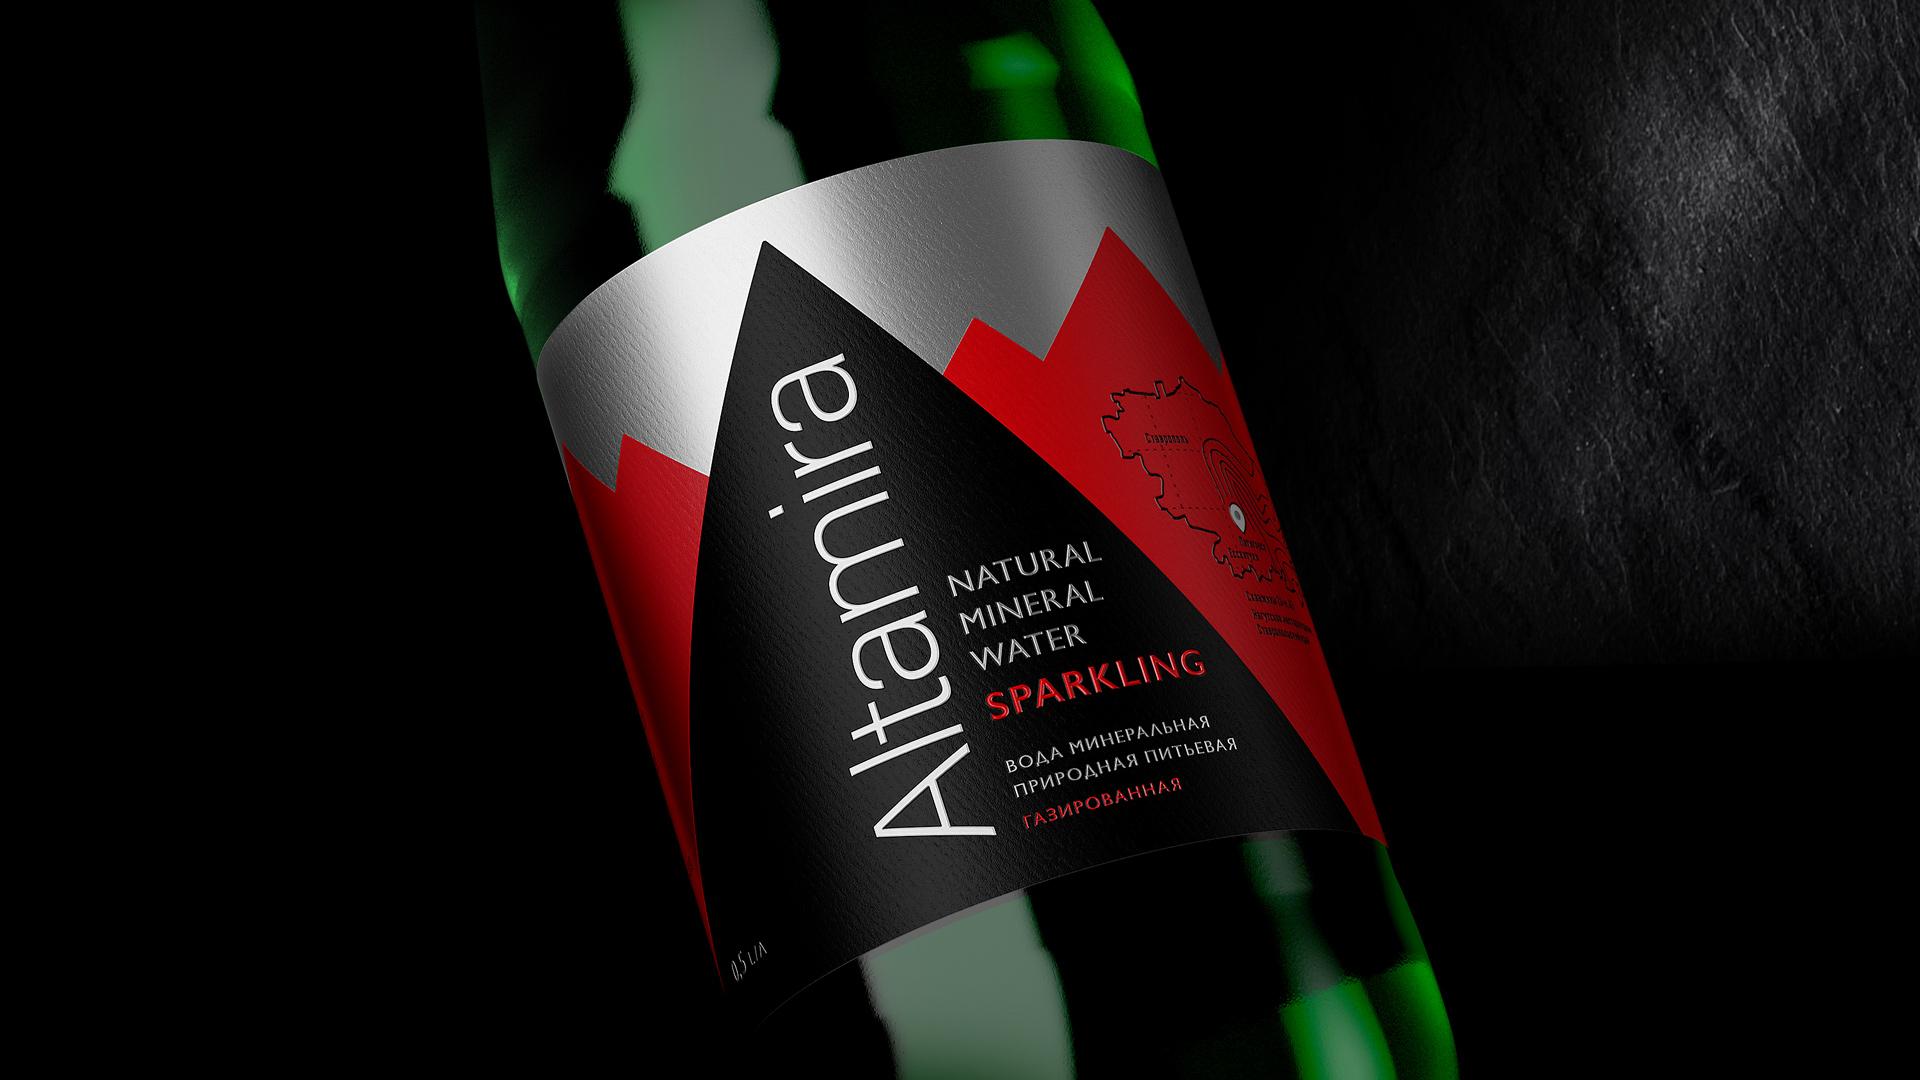 Разработка дизайна минеральной воды Altamira